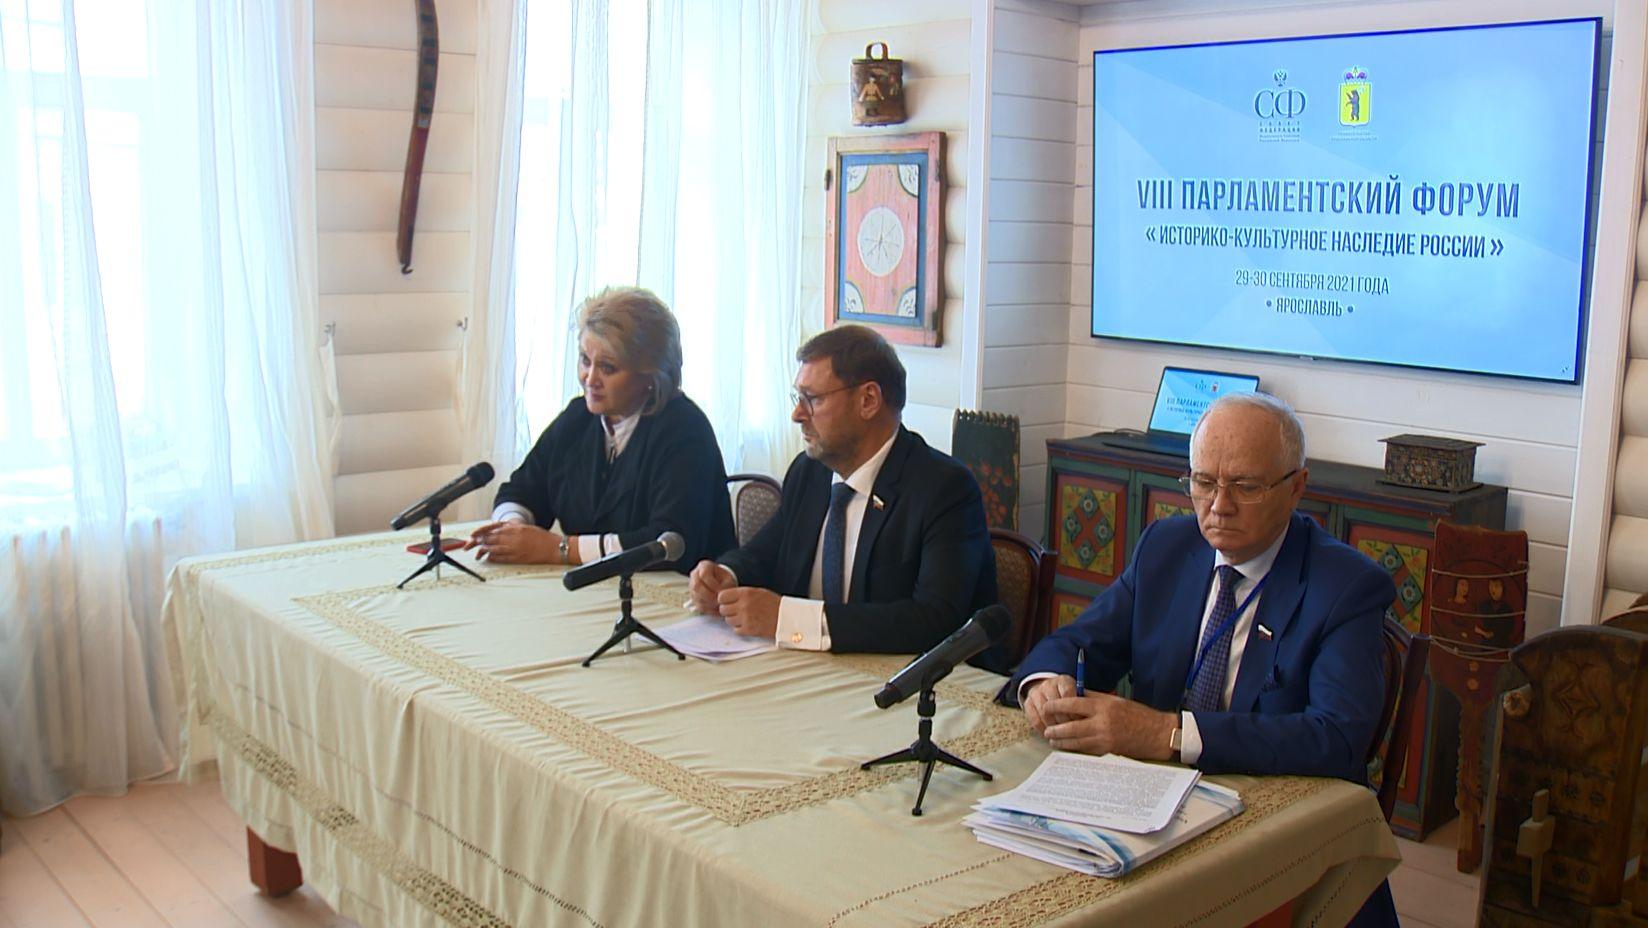 В Ярославле завершился VIII Парламентский форум «Историко-культурное наследие России»